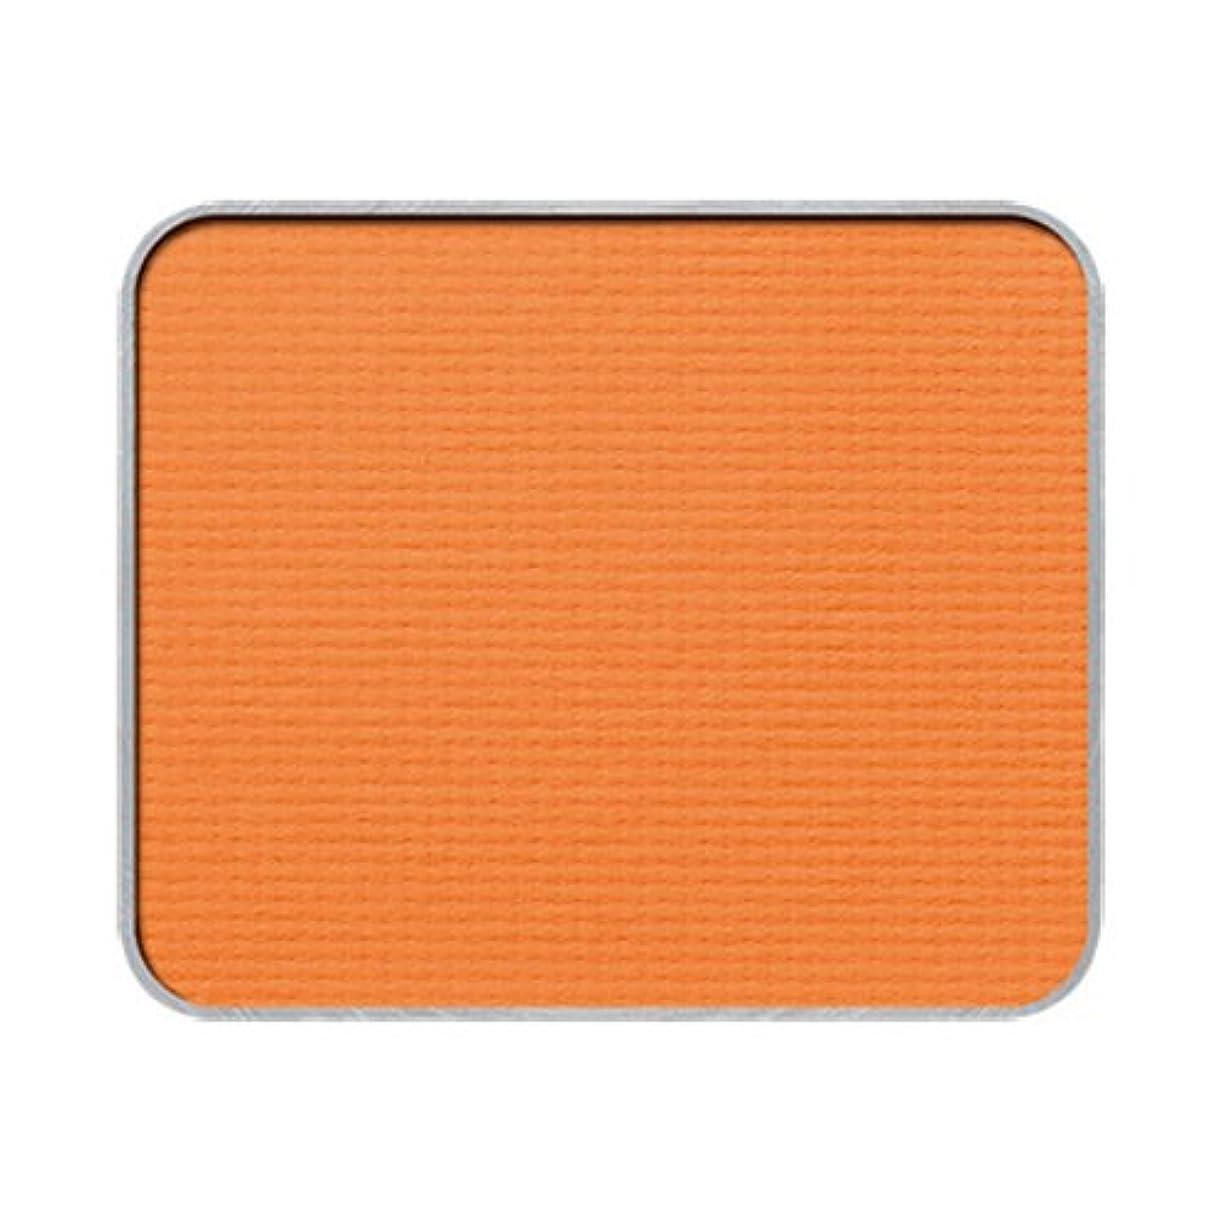 散文レジデンスグループプレスド アイシャドー (レフィル) M オレンジ 250